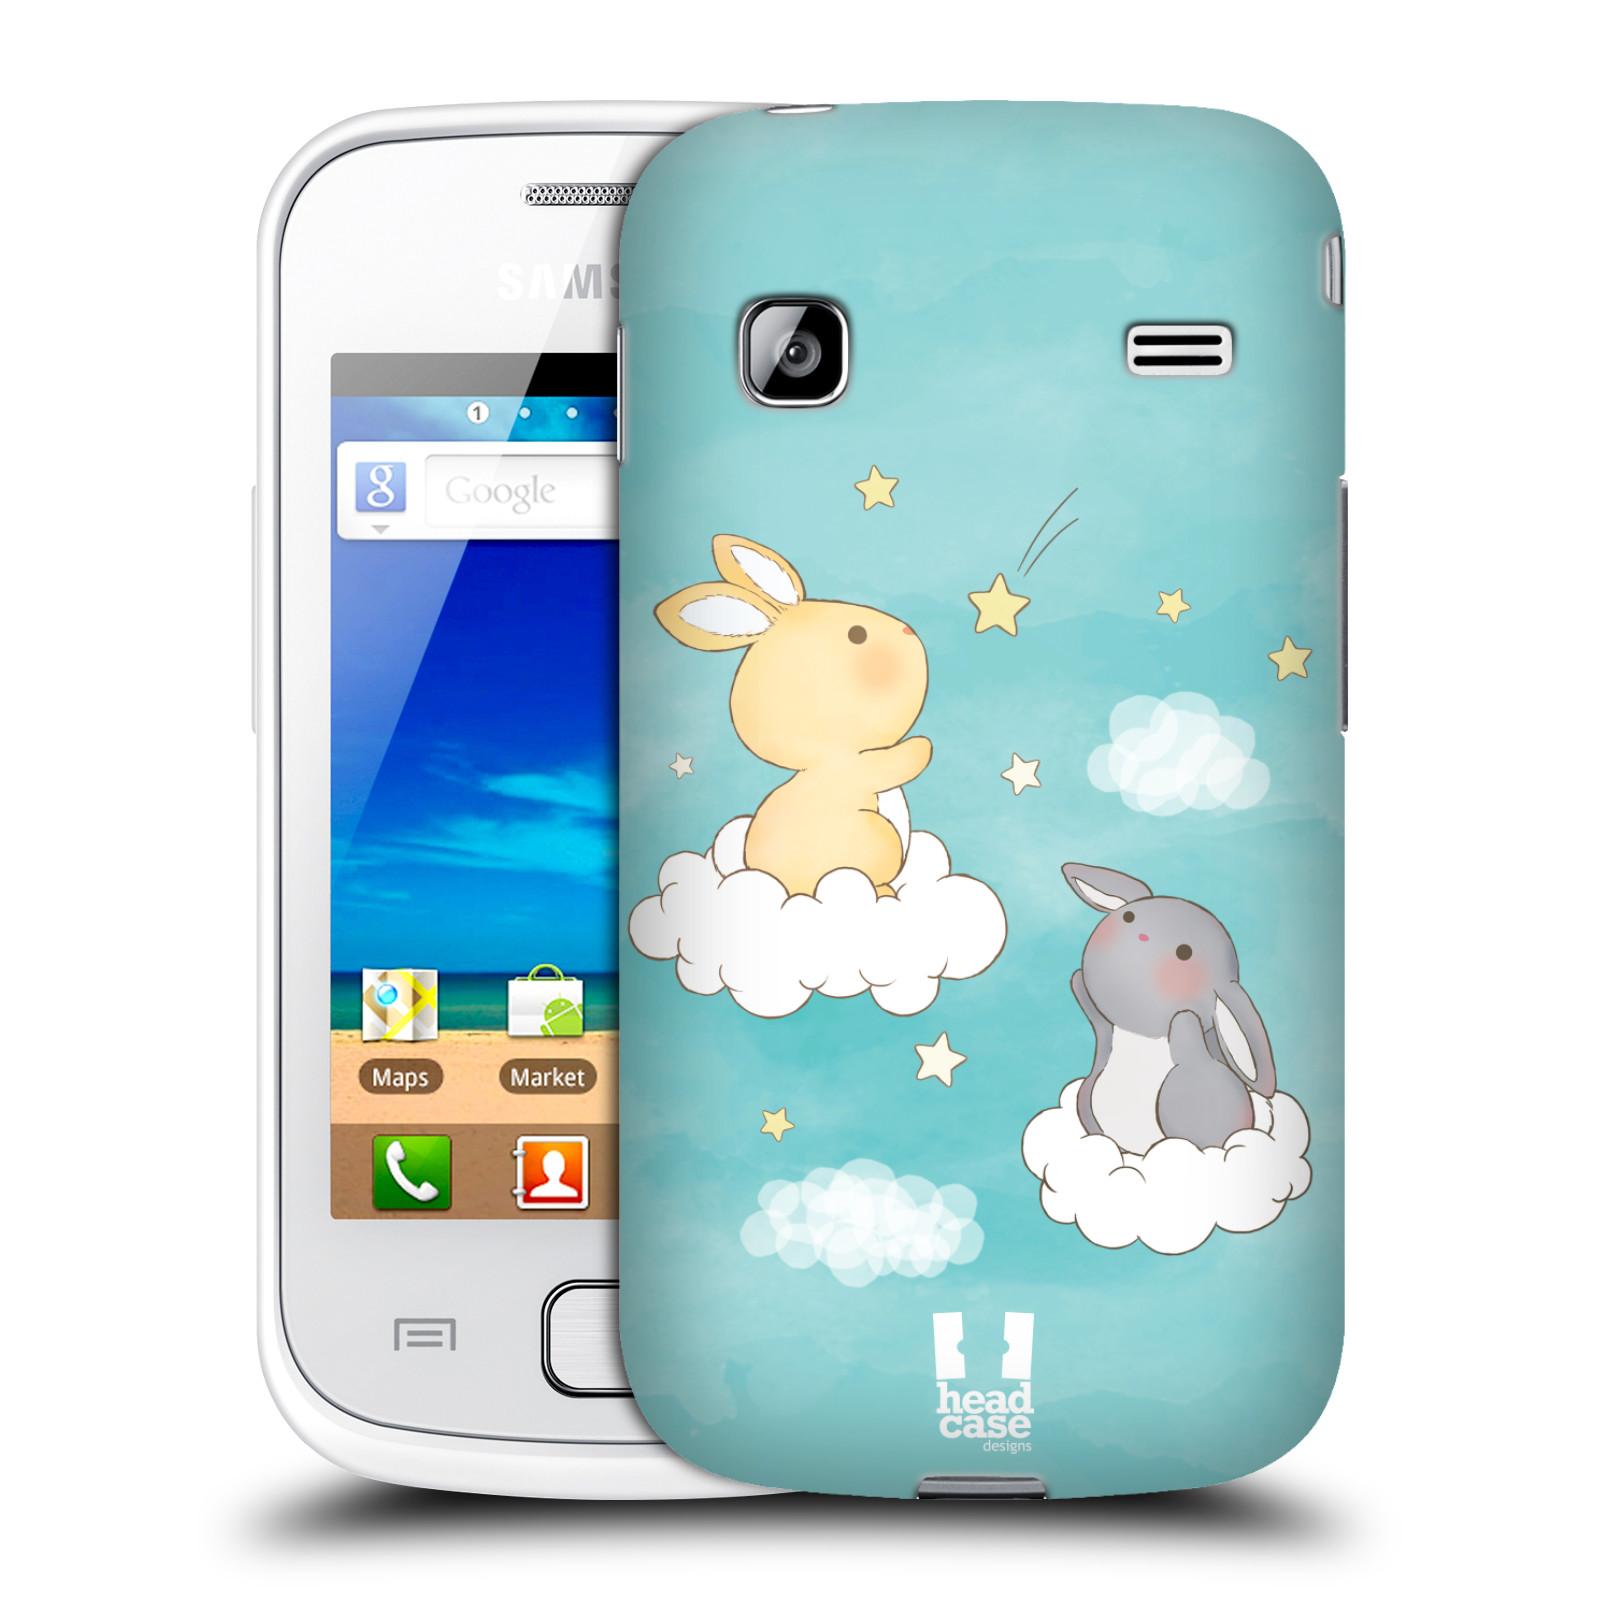 HEAD CASE plastový obal na mobil SAMSUNG GALAXY GIO (S5660) vzor králíček a hvězdy modrá